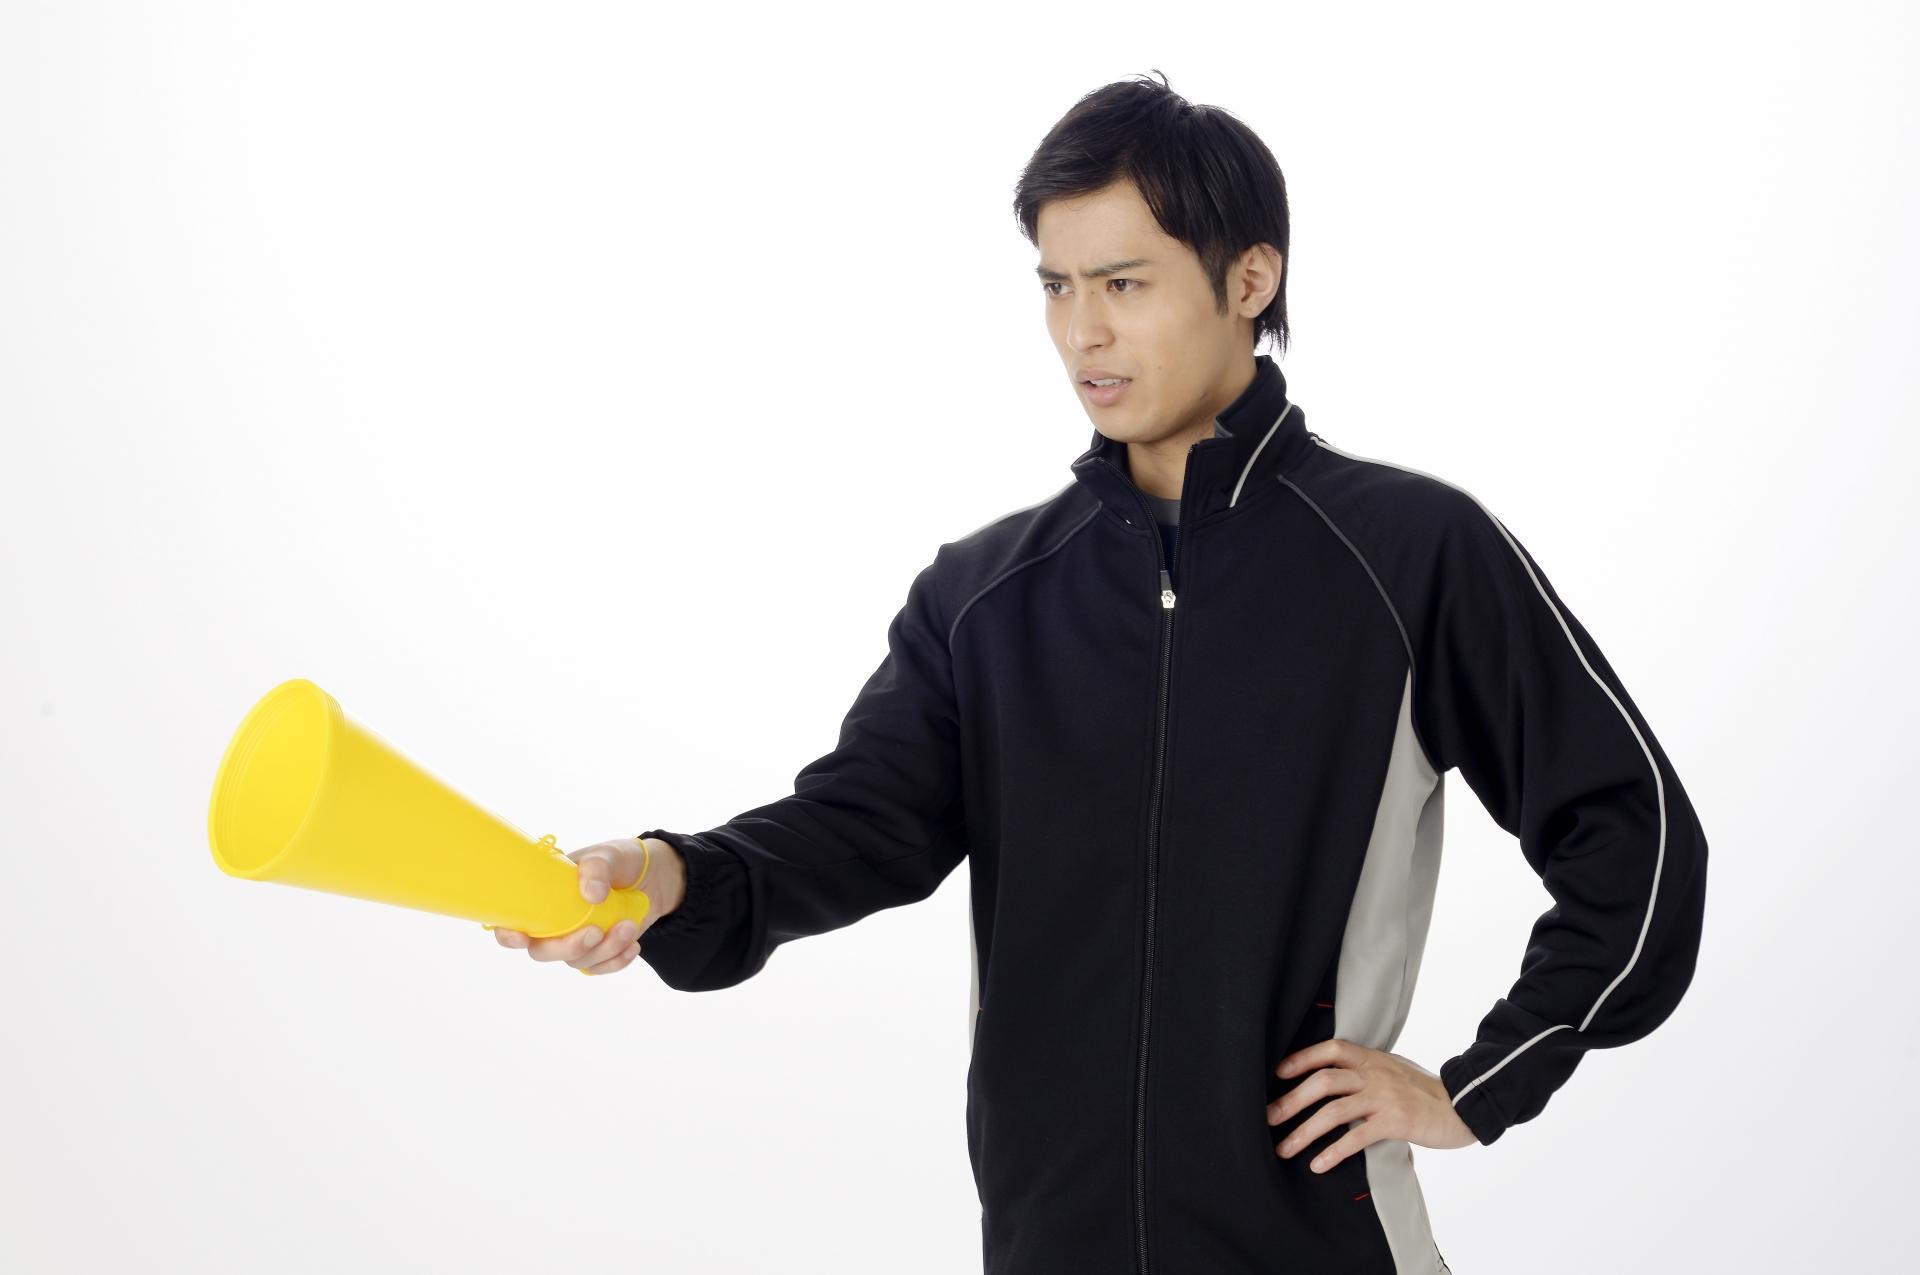 体育会系の社風が合わない…ノリが苦手で辛いなら早めの転職を。